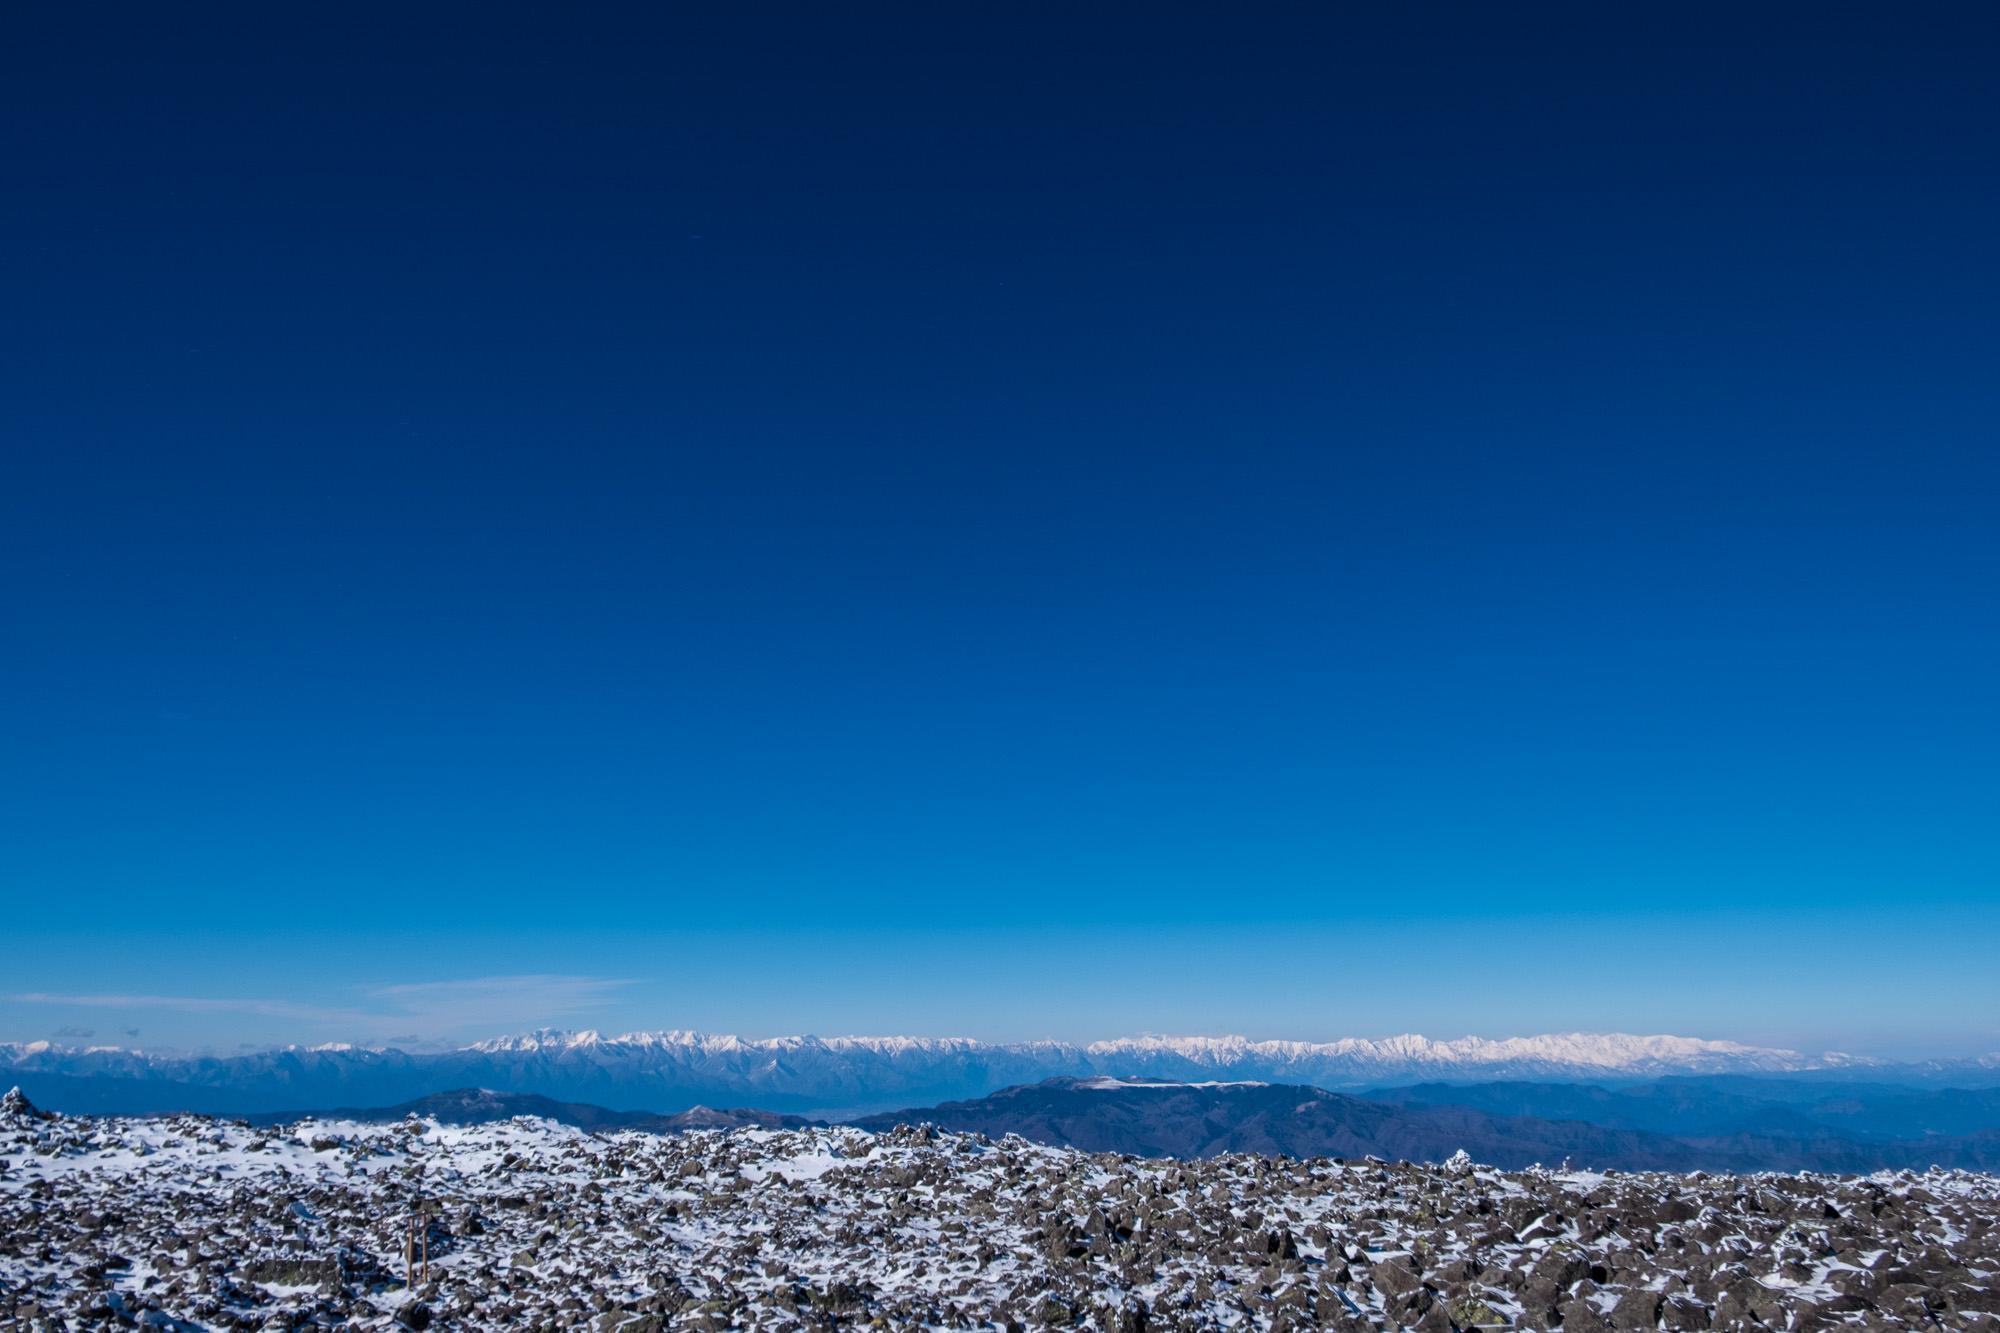 蓼科山山頂から望む空